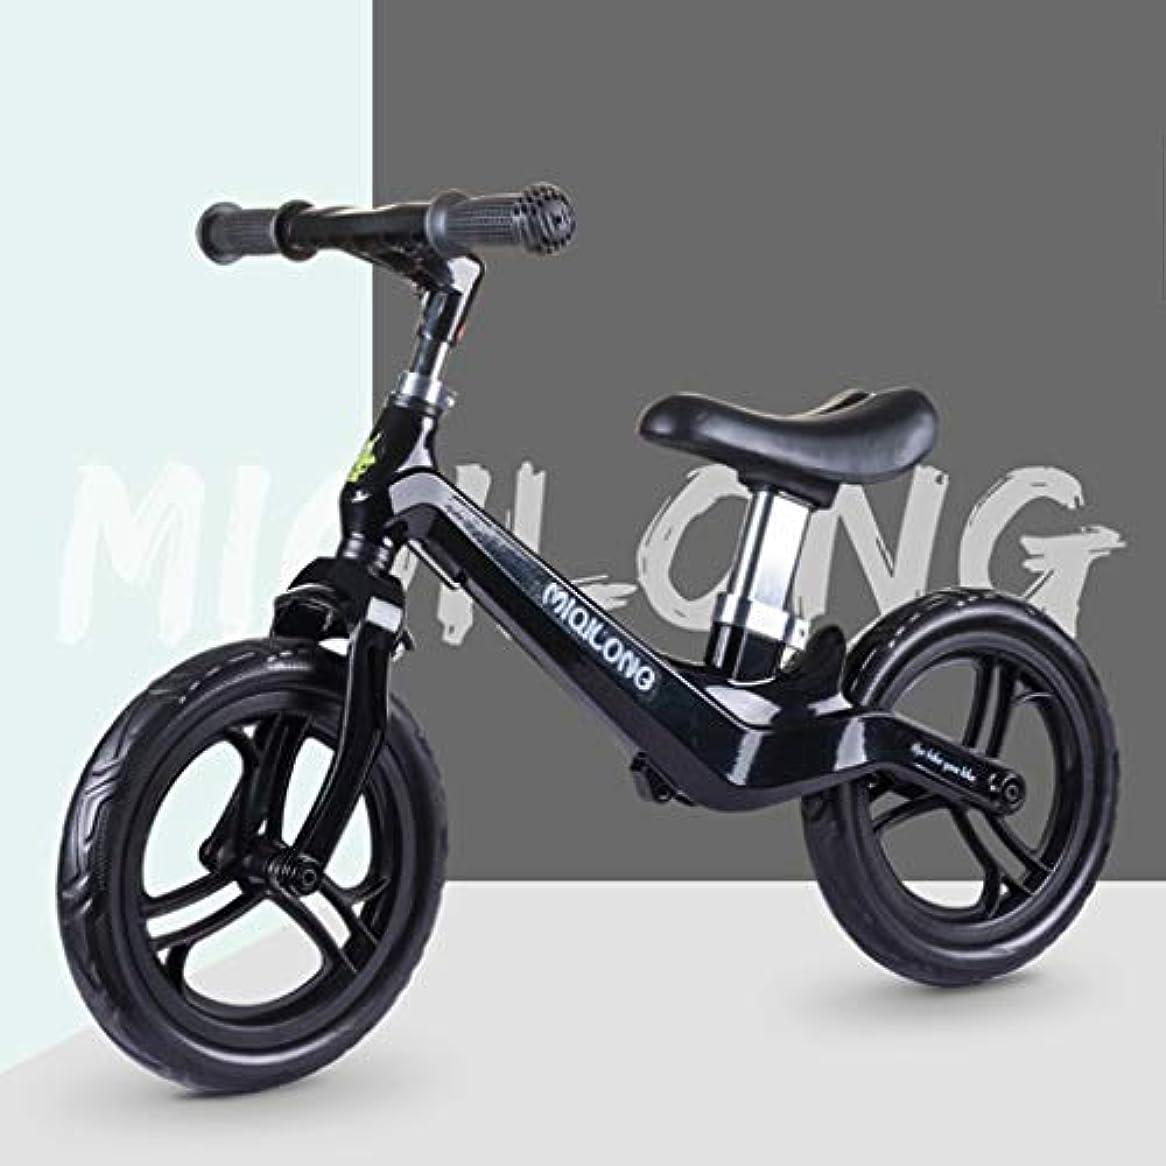 九月ファンシー作者ペダルなし自転車 バランスバイク 2-4歳のための調節可能な座席とのバランスバイク、ノーペダル幼児トレーニング自転車、マグネシウム合金ストライドバイク、 (Color : Black)